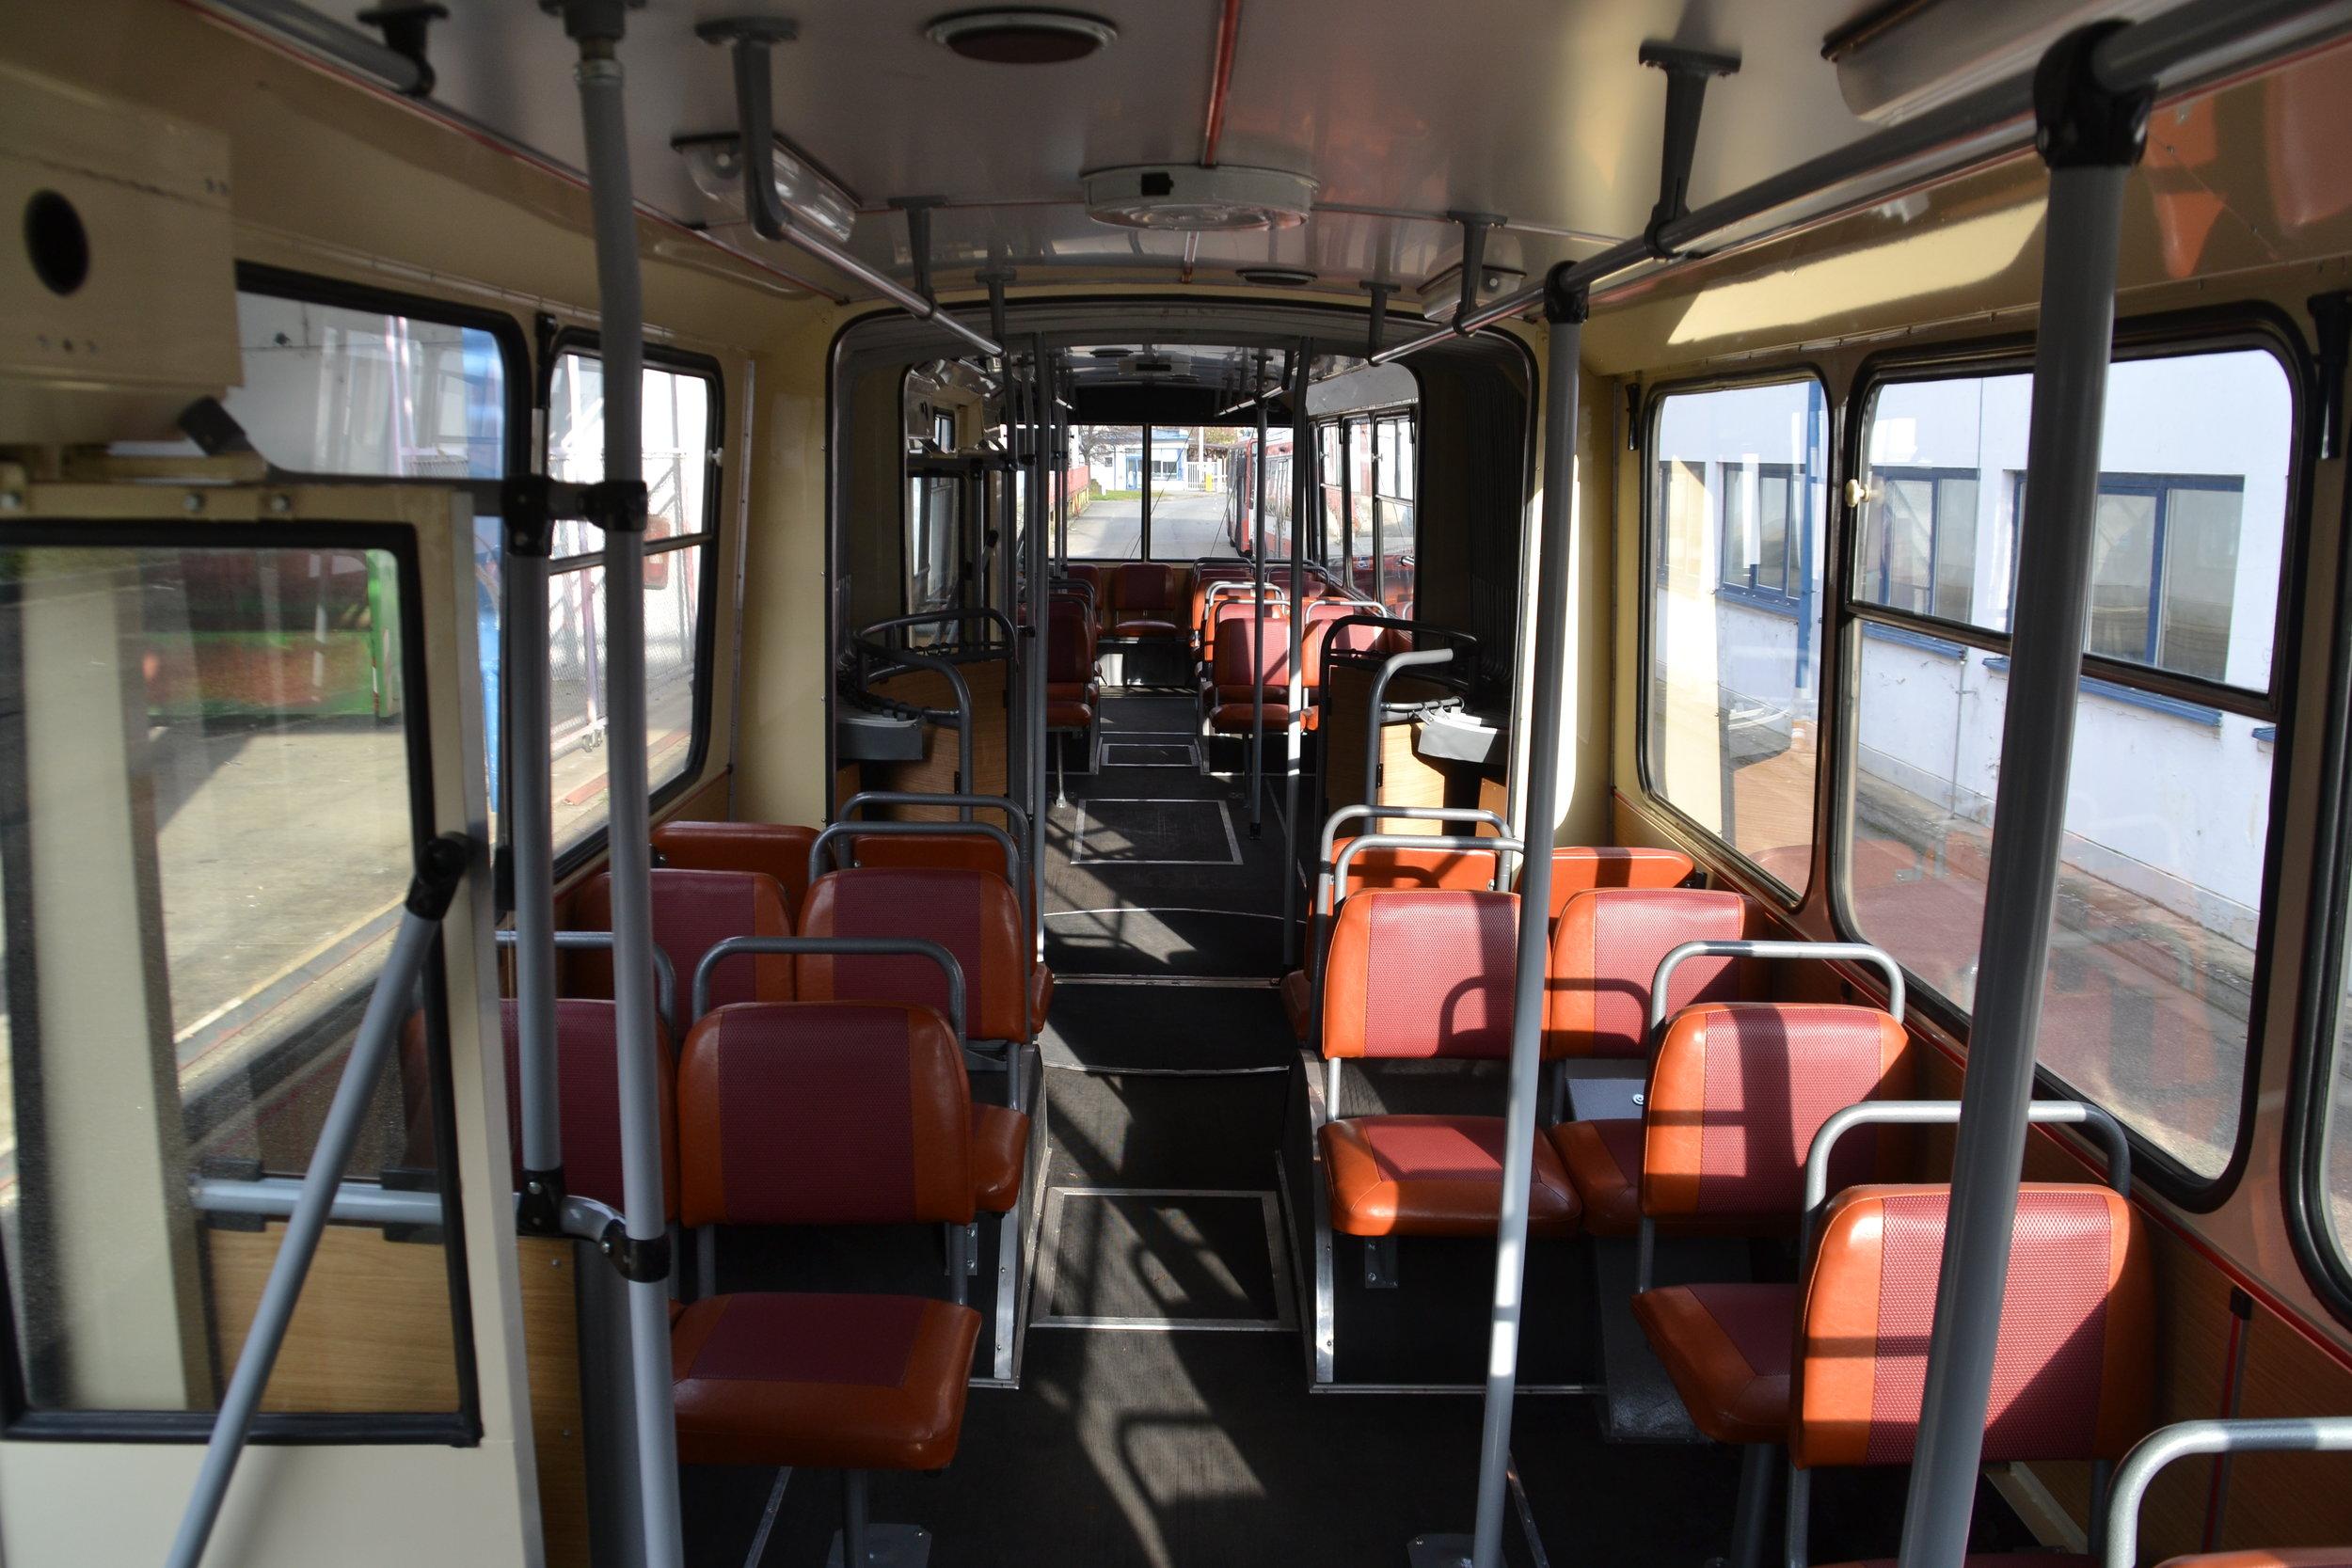 Pohled do interiéru trolejbusu. (foto: Ing. Jiří Černý)